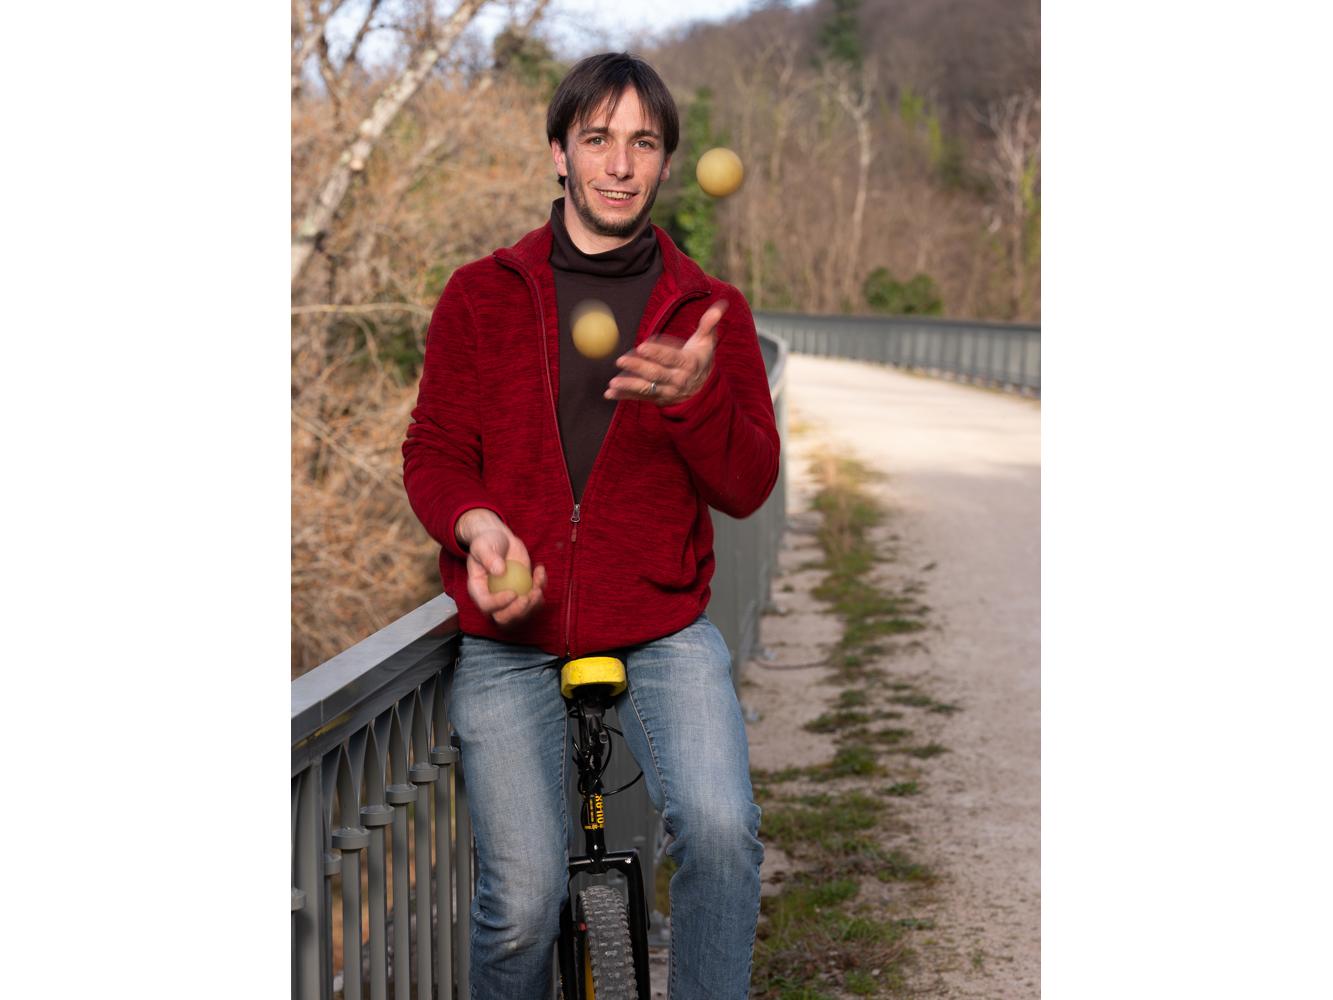 Luther, employé, st vincent usagers voie verte Parc naturel Haut-Languedoc région Occitanie